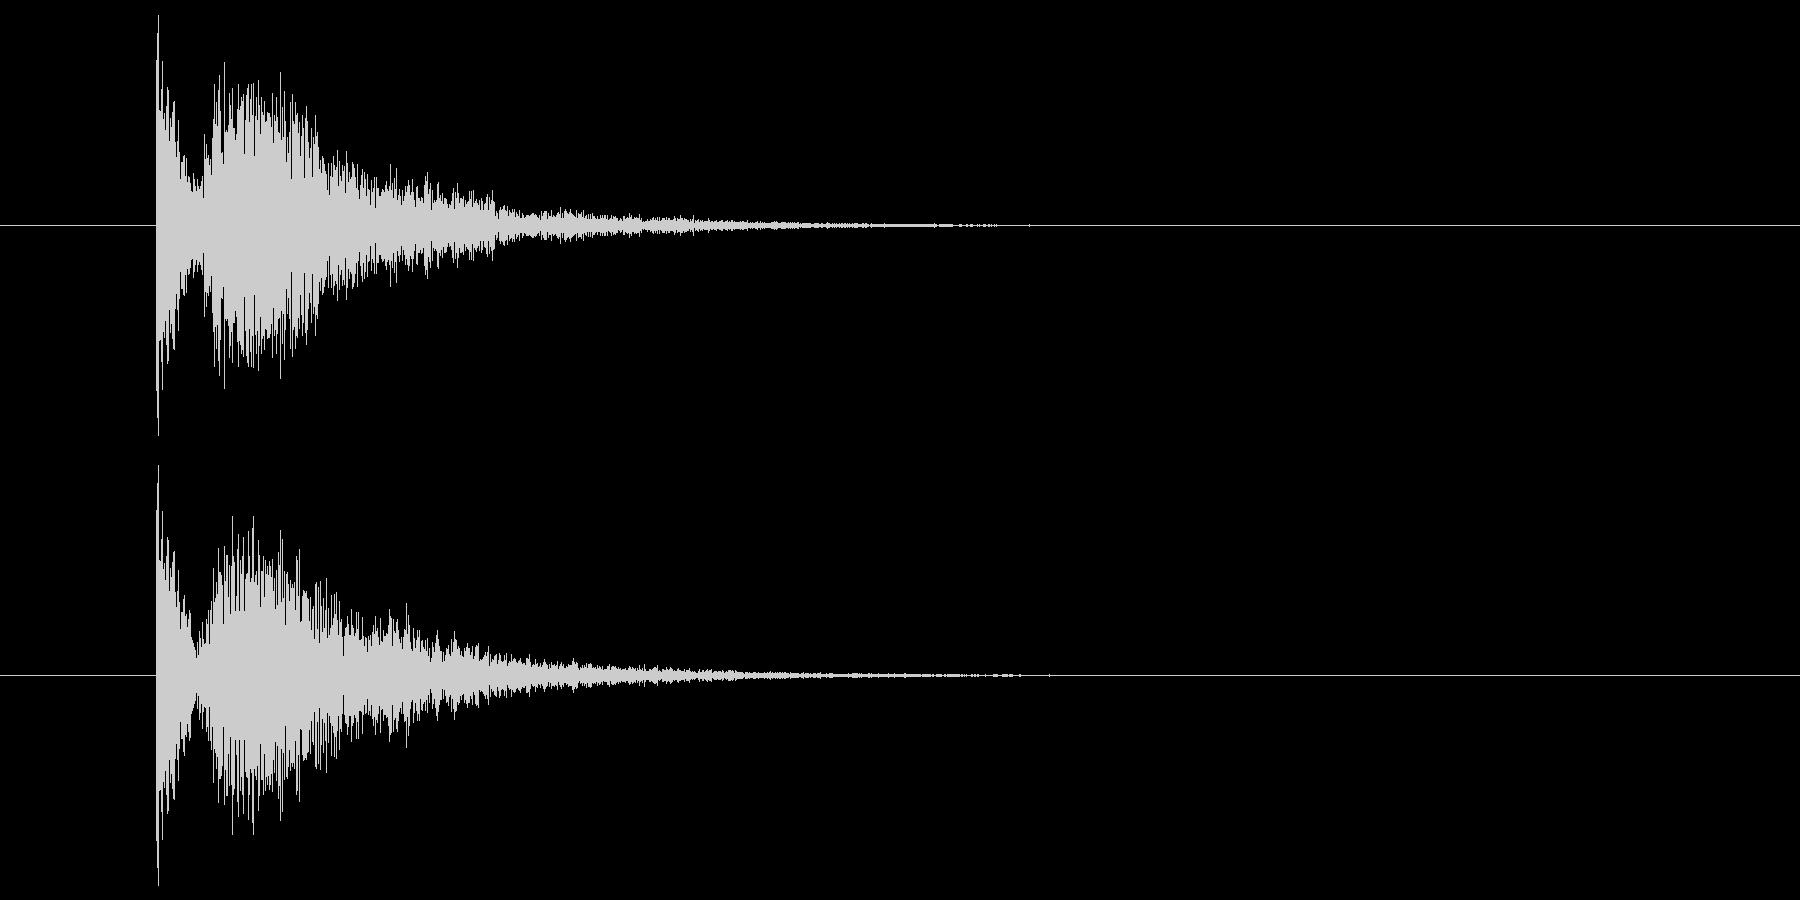 金属系の物音(ホラー系)の未再生の波形